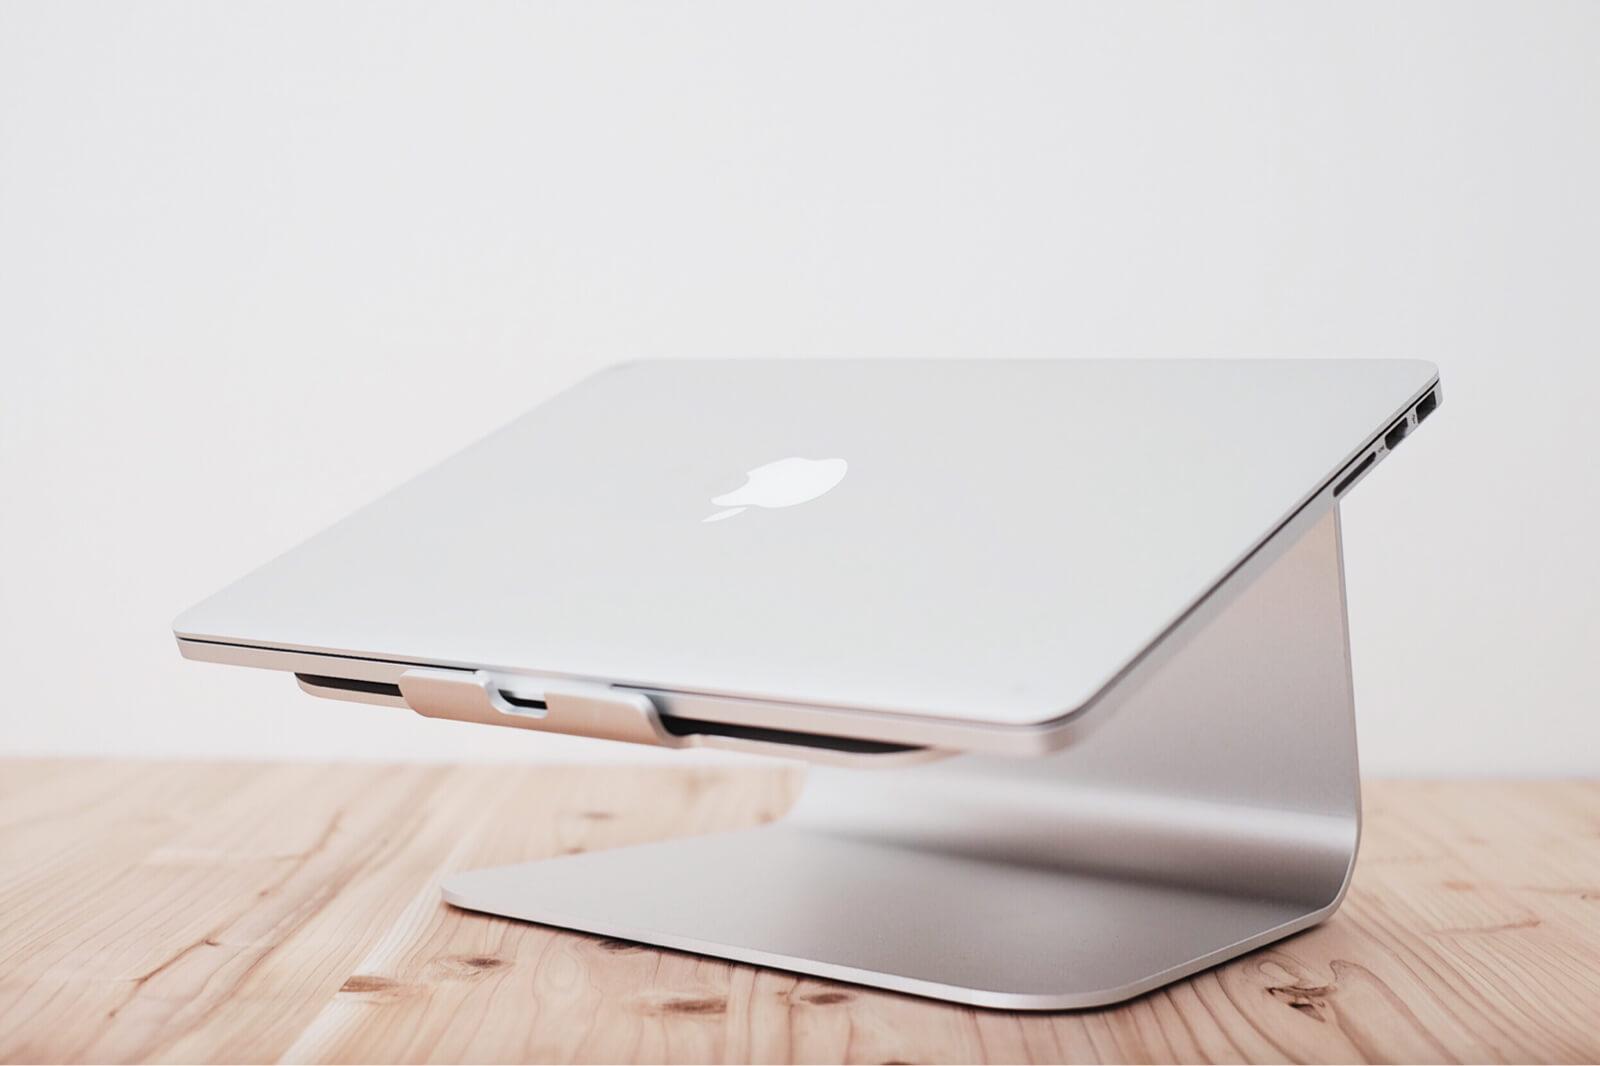 実際にMacBook Proを載せてみたところ